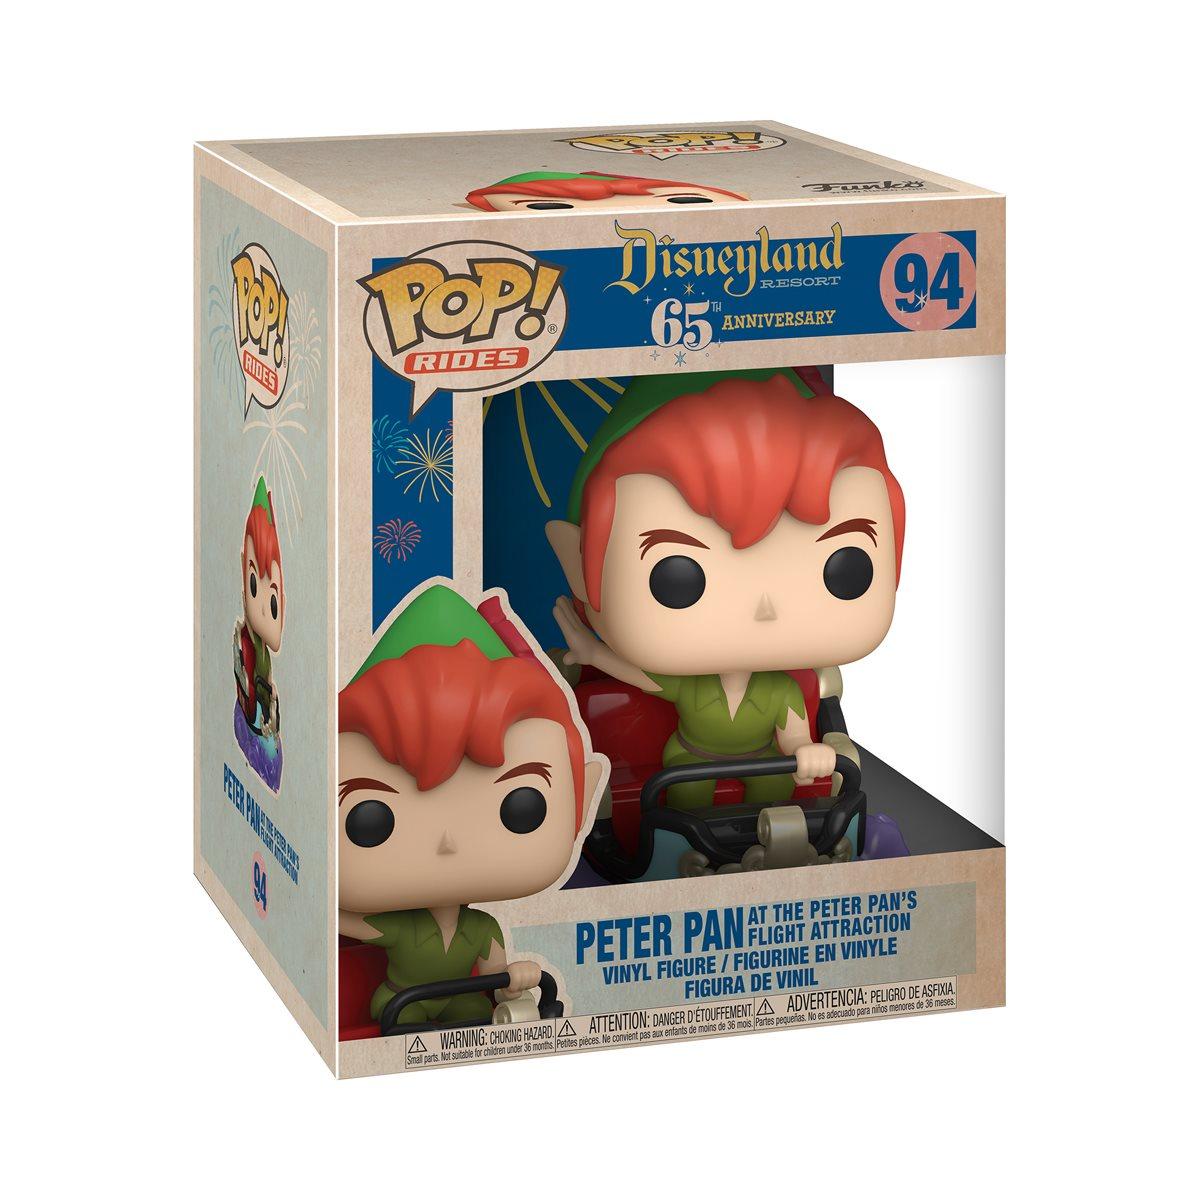 Funko Pop! Peter Pan na Atração de Voo de Peter Pan: Aniversário de 65 anos da Disneylândia #94 - Funko